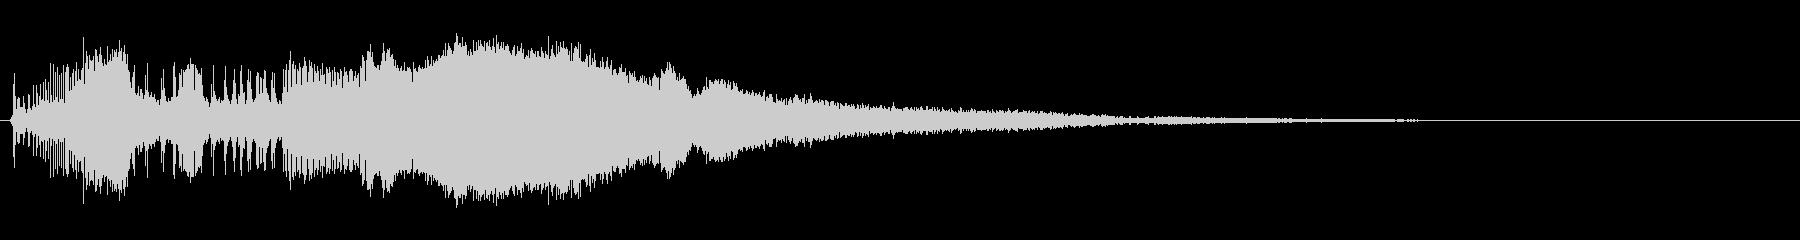 ピアジオオートバイ-開始-改訂中1の未再生の波形